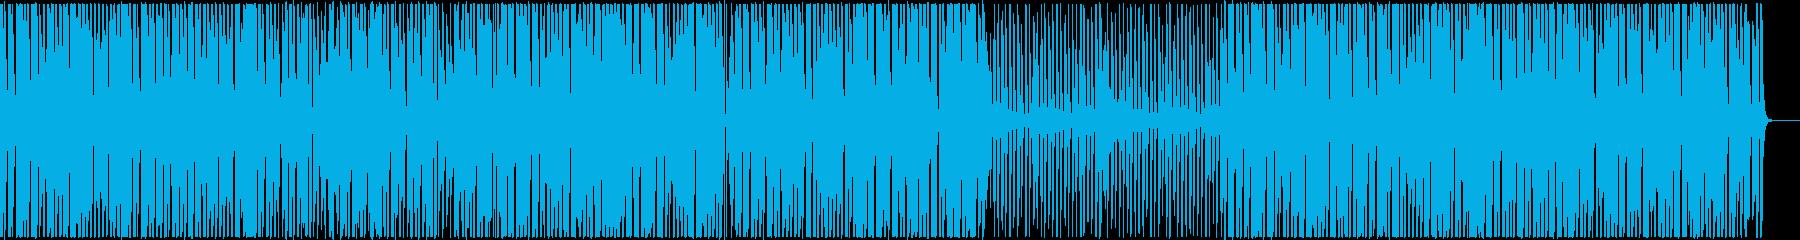 楽しいクッキングBGMの再生済みの波形